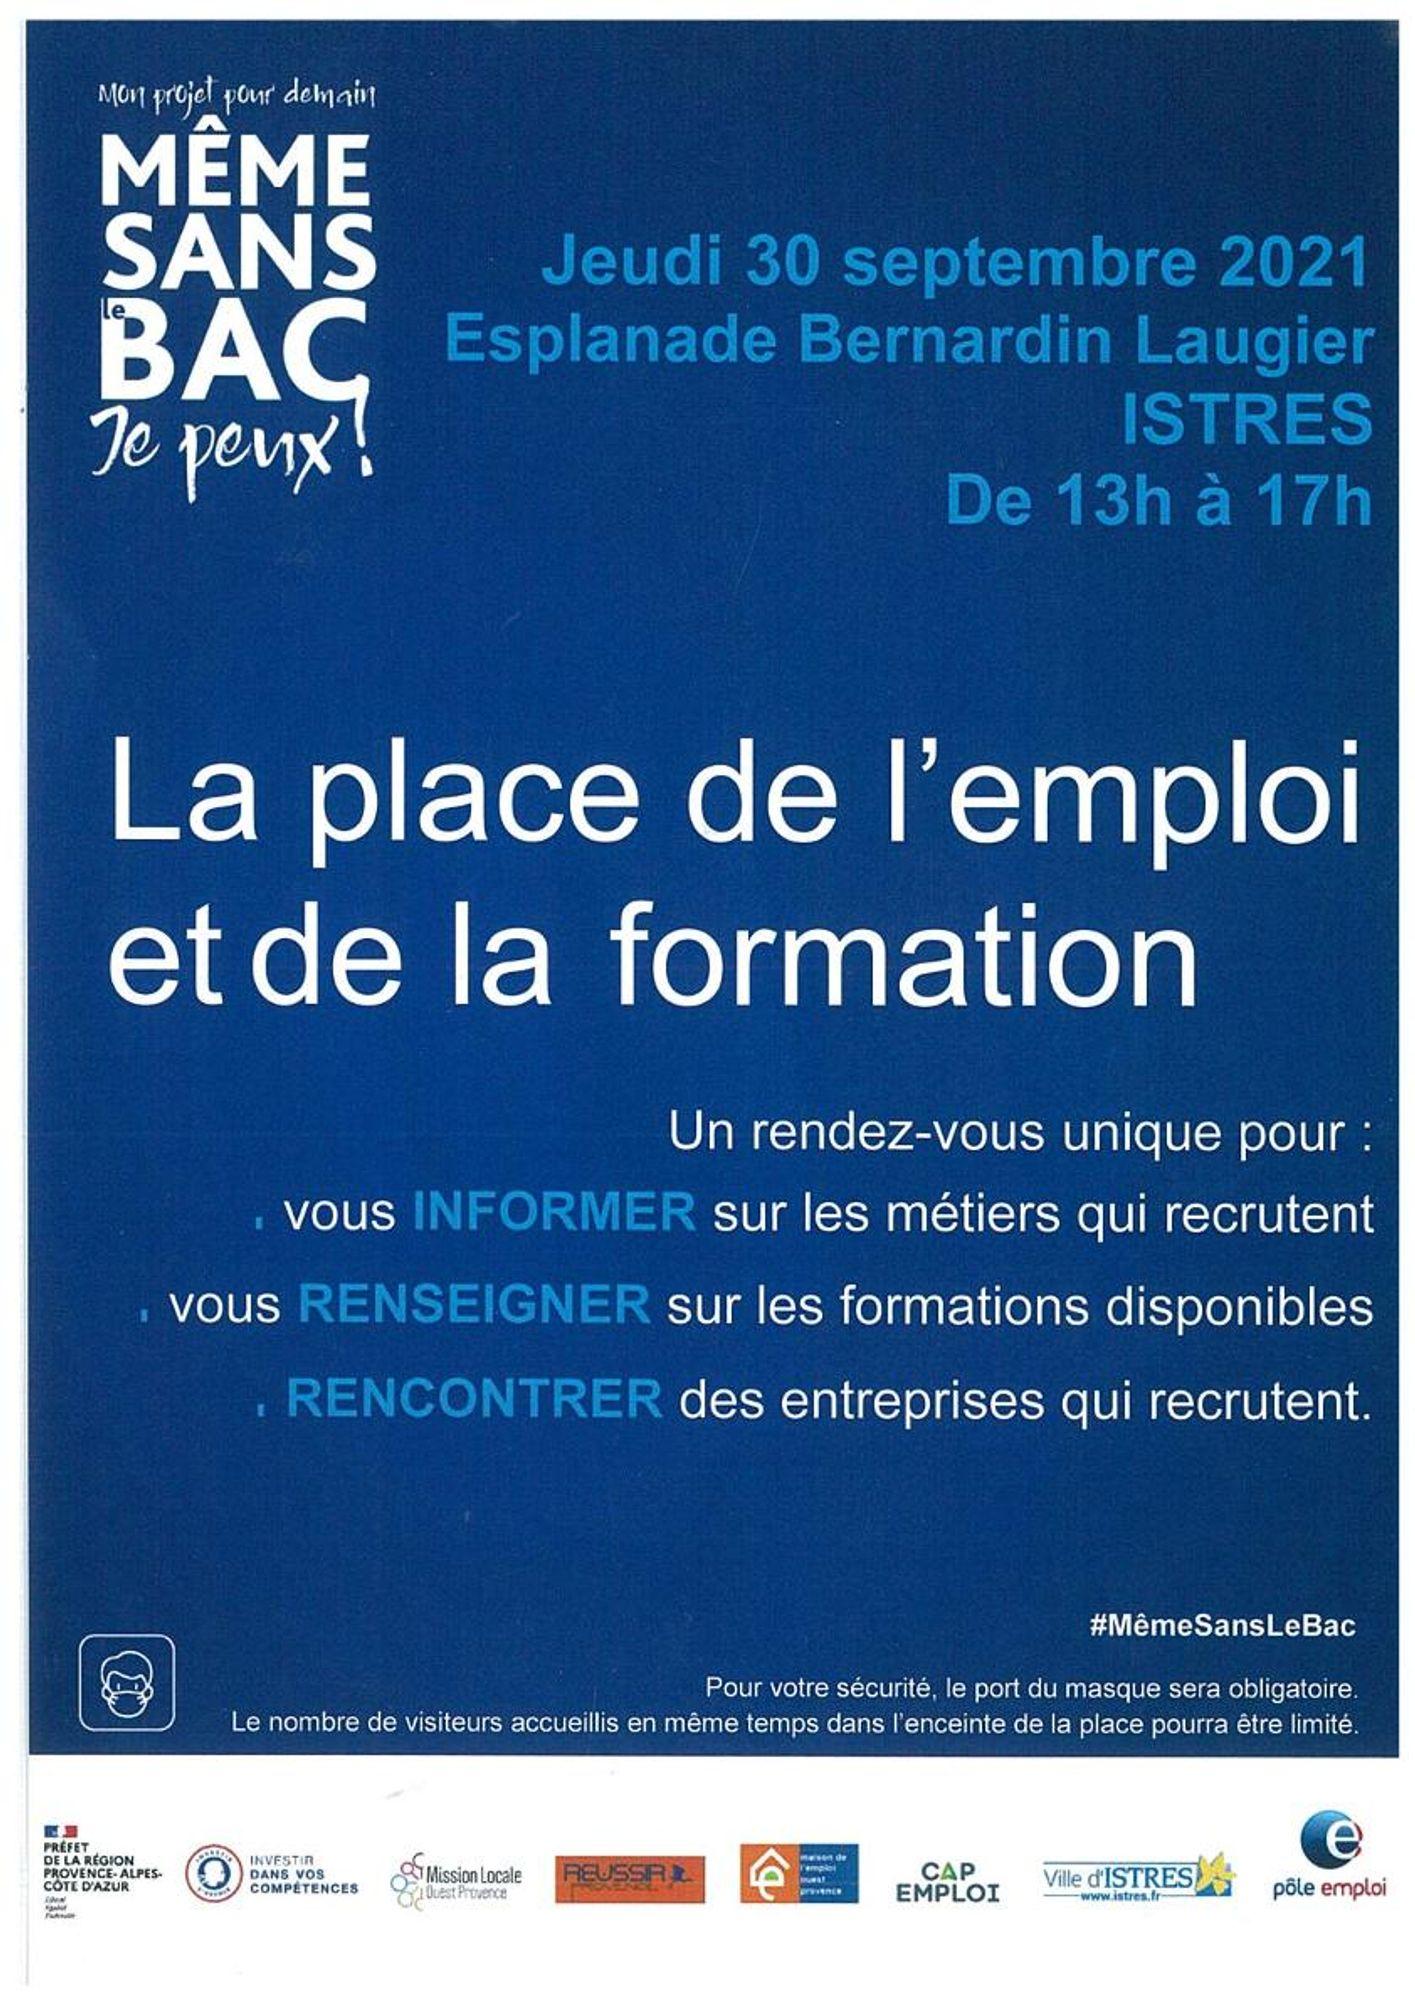 [ CULTURE / LOISIR ] ISTRES : PLACE DE L EMPLOI ET DE LA FORMATION DU 30 SEPTEMBRE